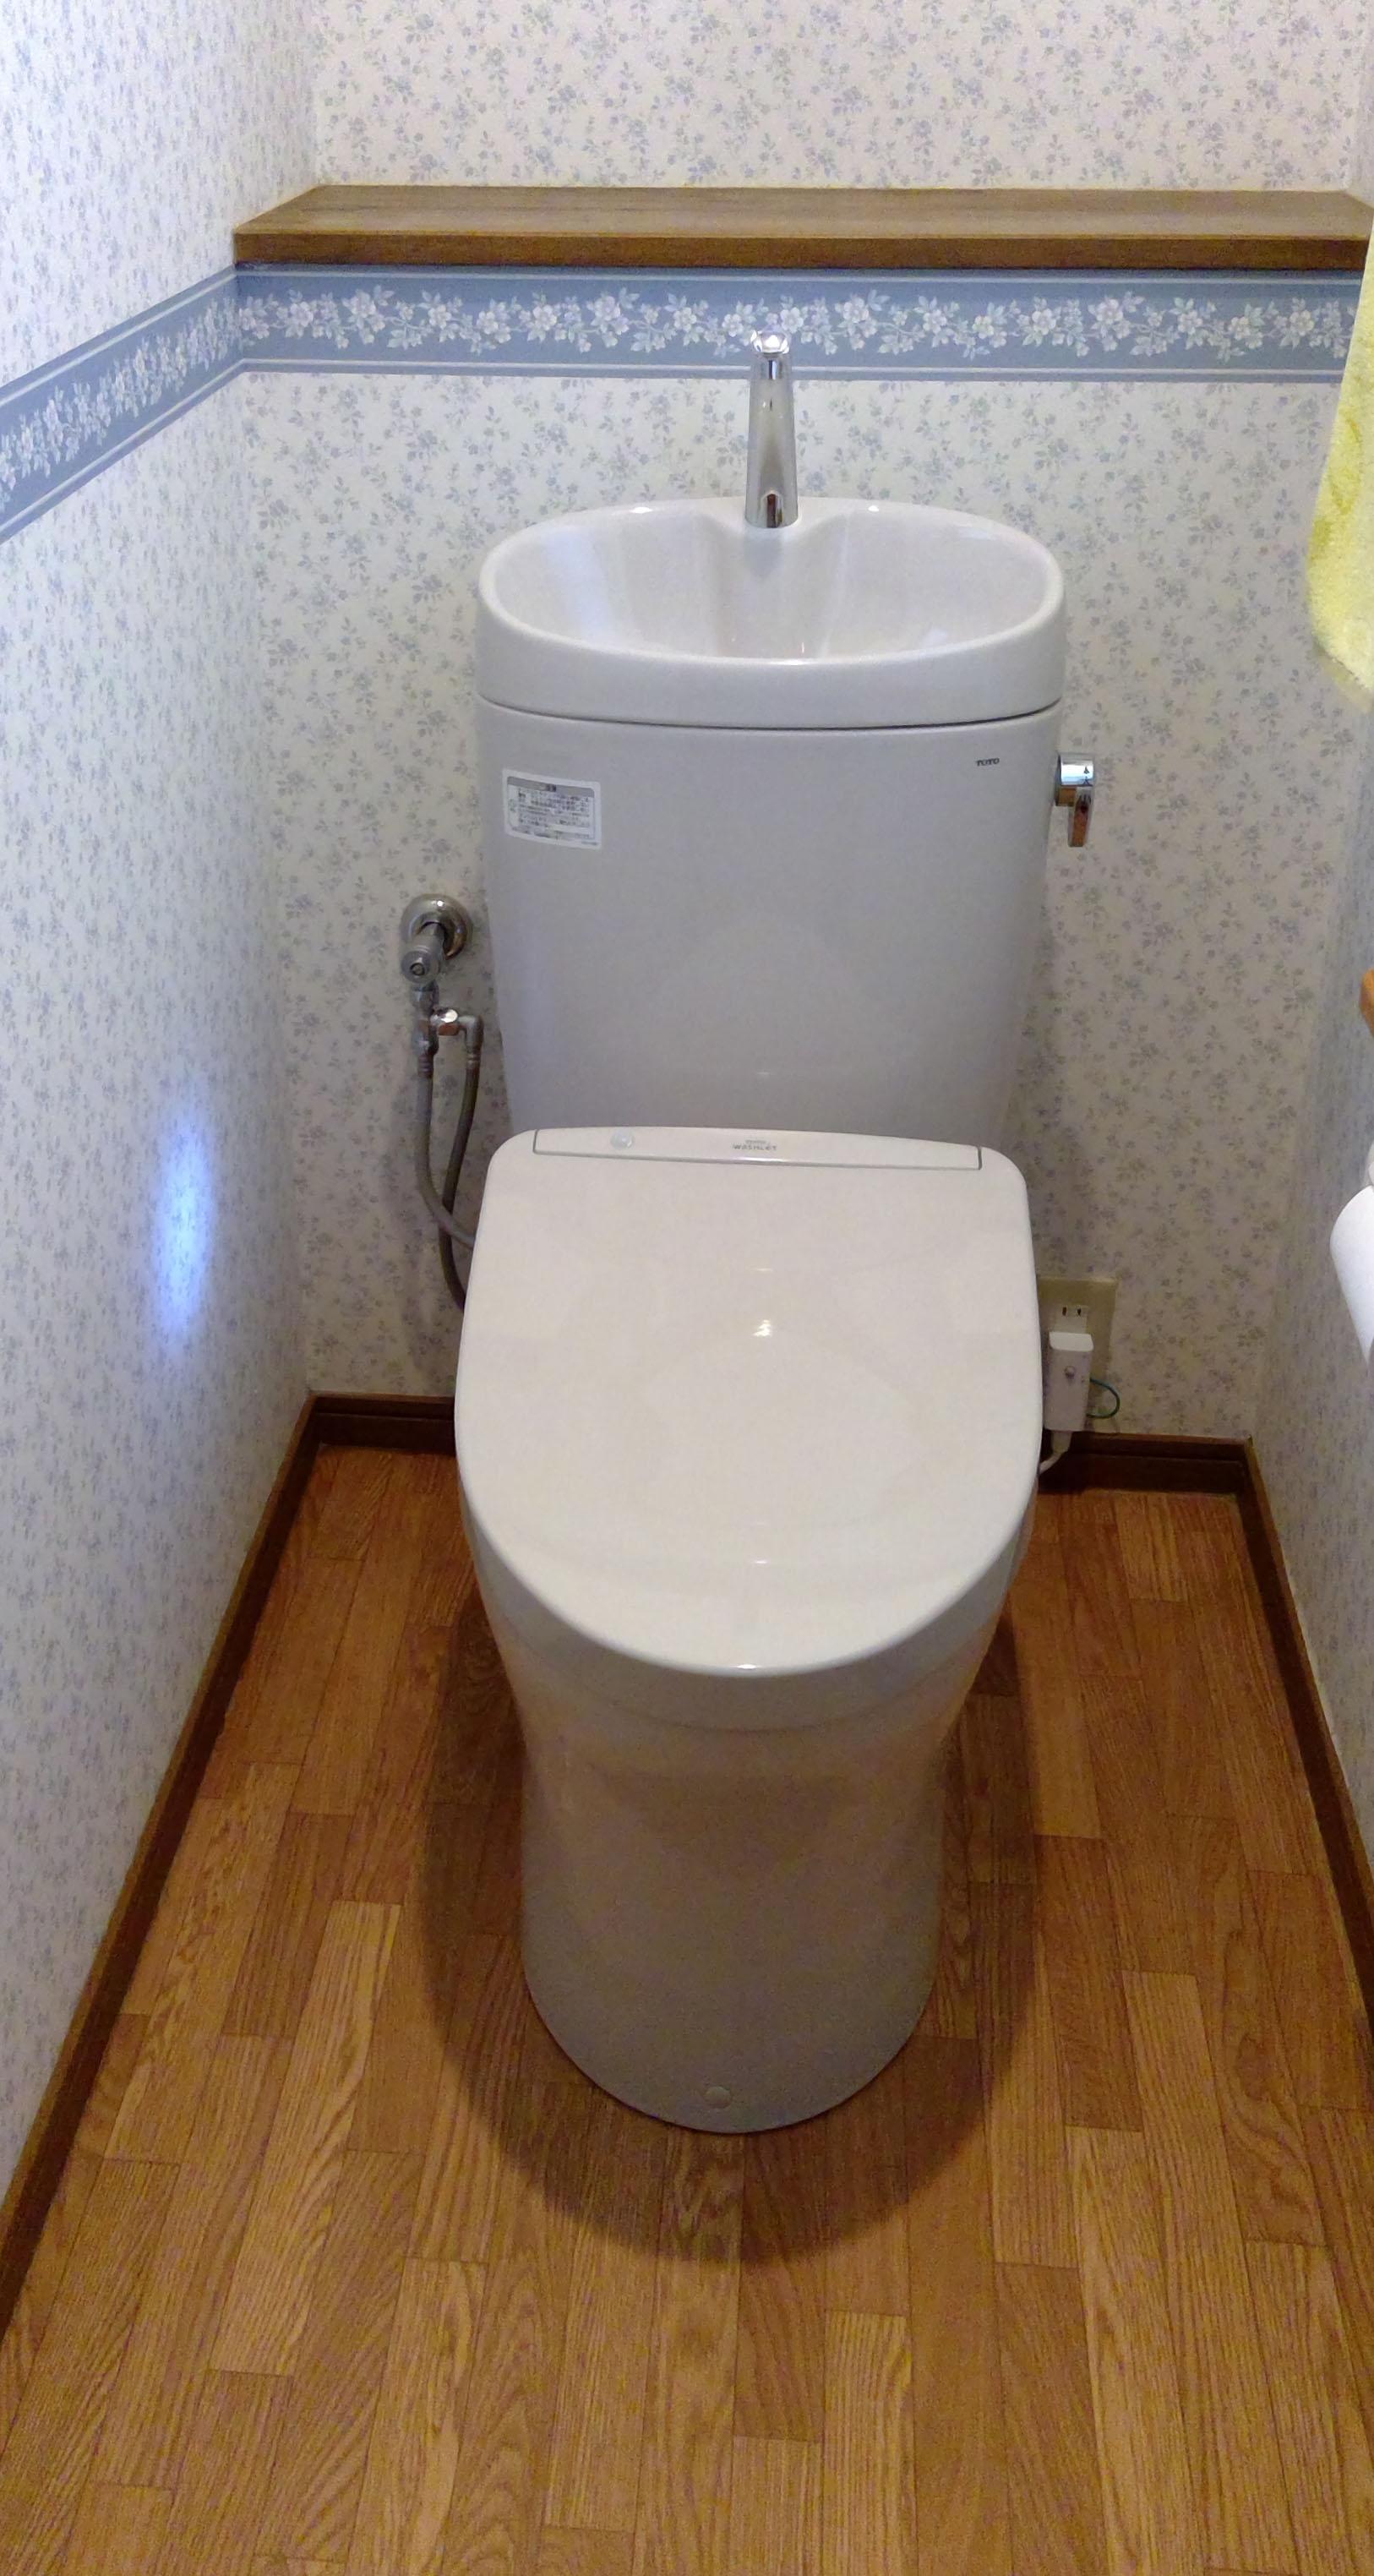 オート開閉・オート洗浄トイレTOTOピュアレストに入れ替えで快適!